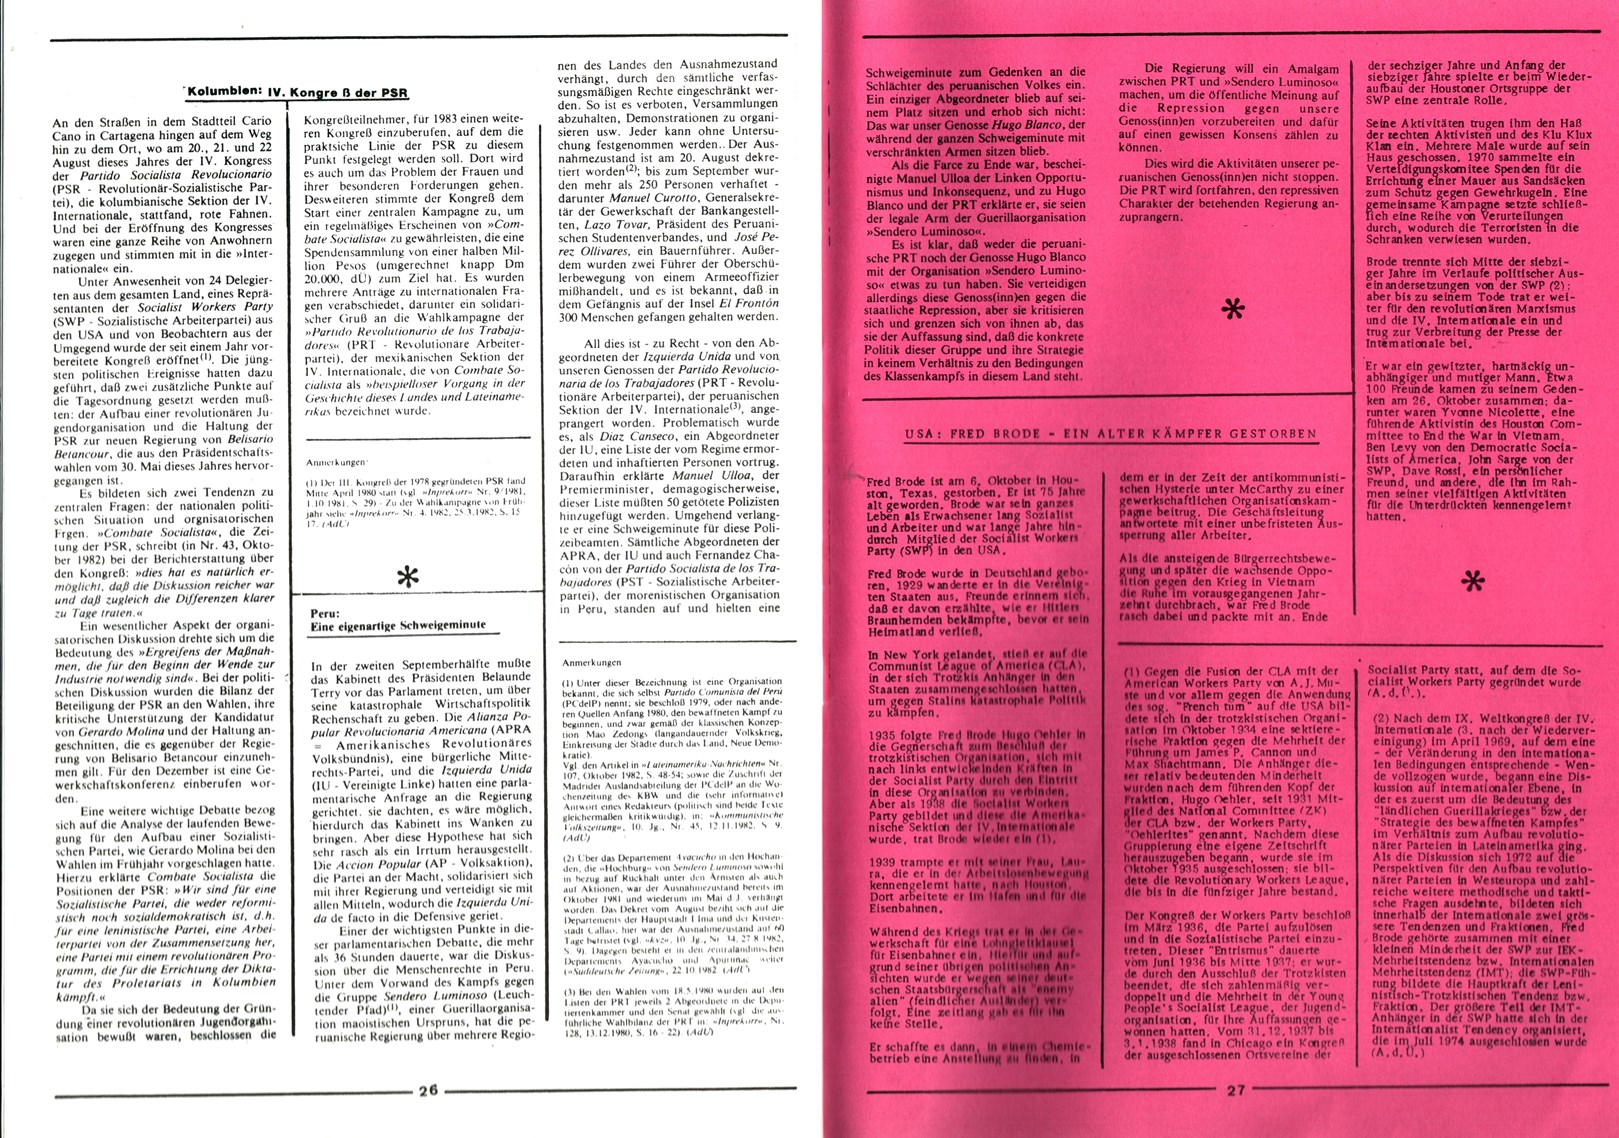 Inprekorr_19821202_150_014